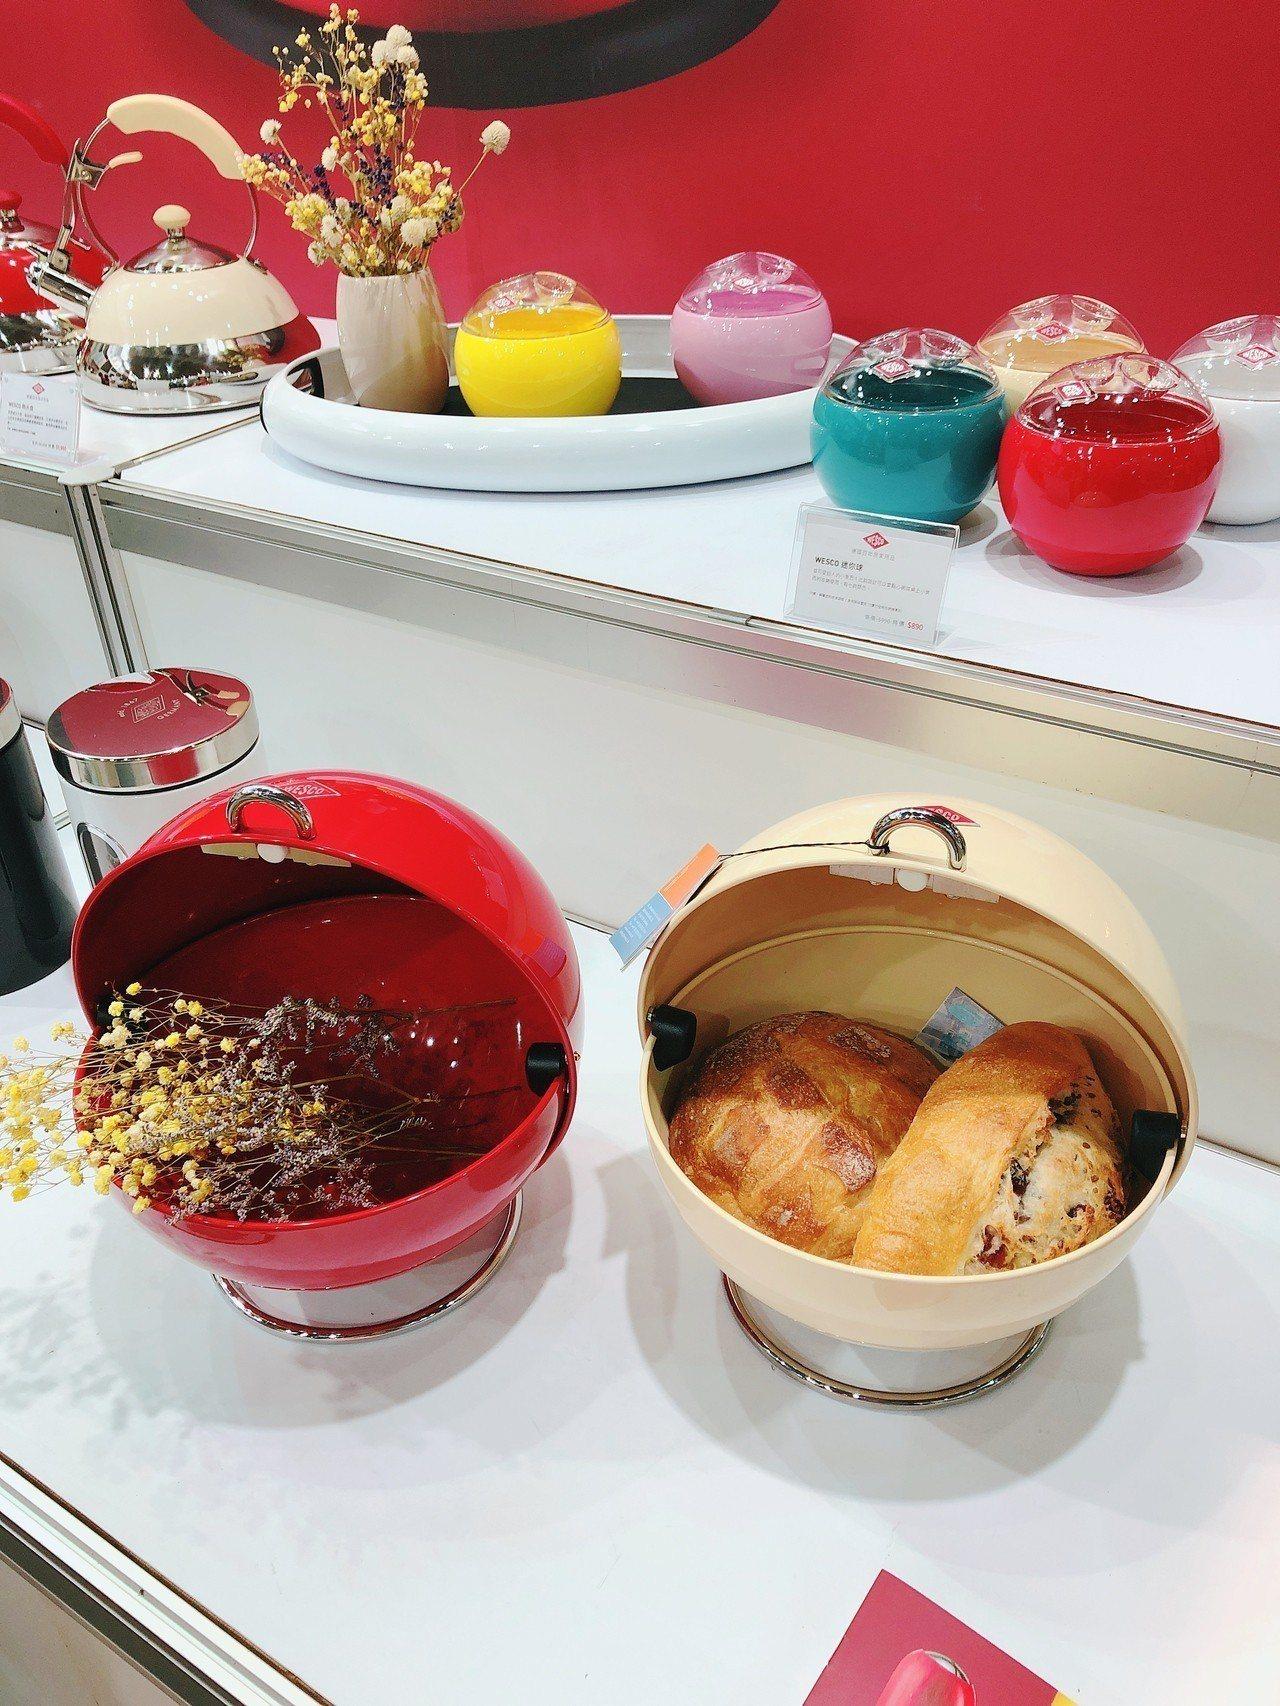 德國百年居家用品WESCO,以多用途廚房用品設計受到消費者歡迎。記者黃筱晴/攝影